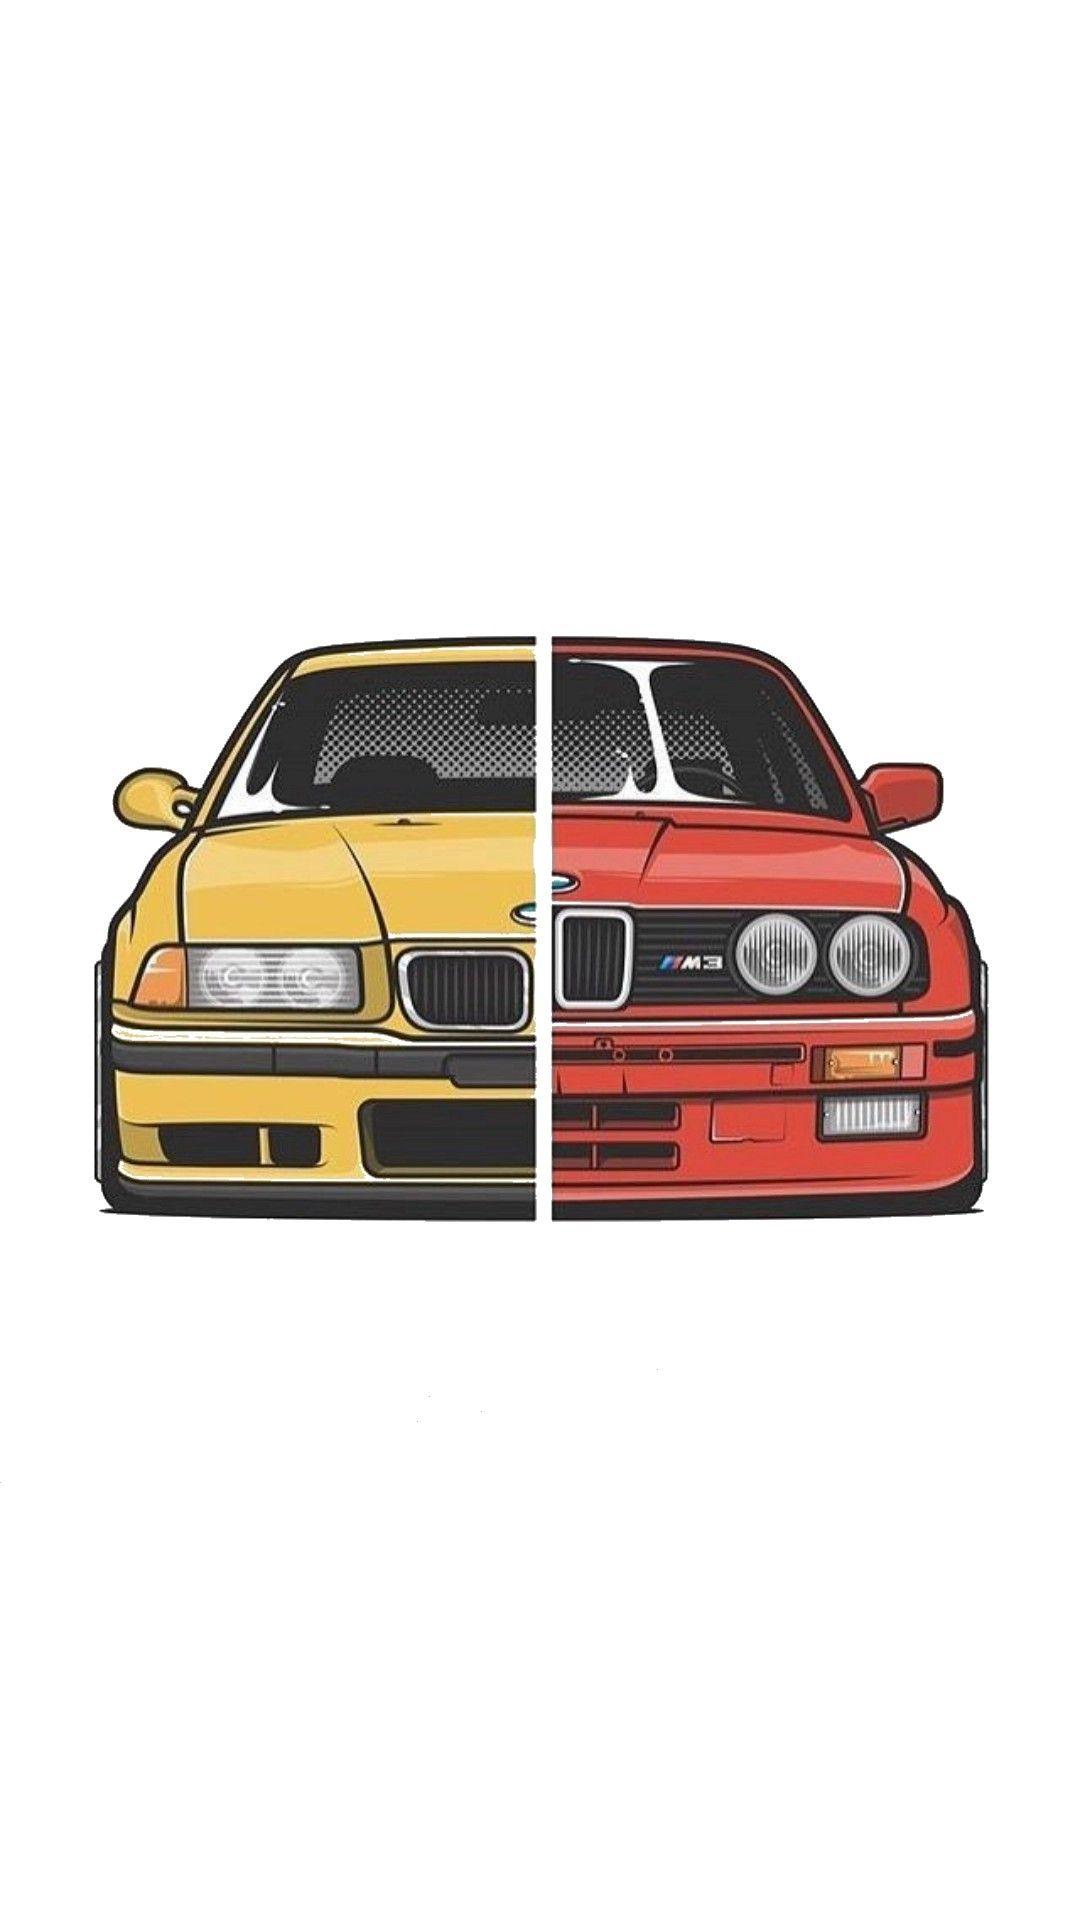 Bmw 11111 Bmw Cars Bmw Art Bmw Wallpapers